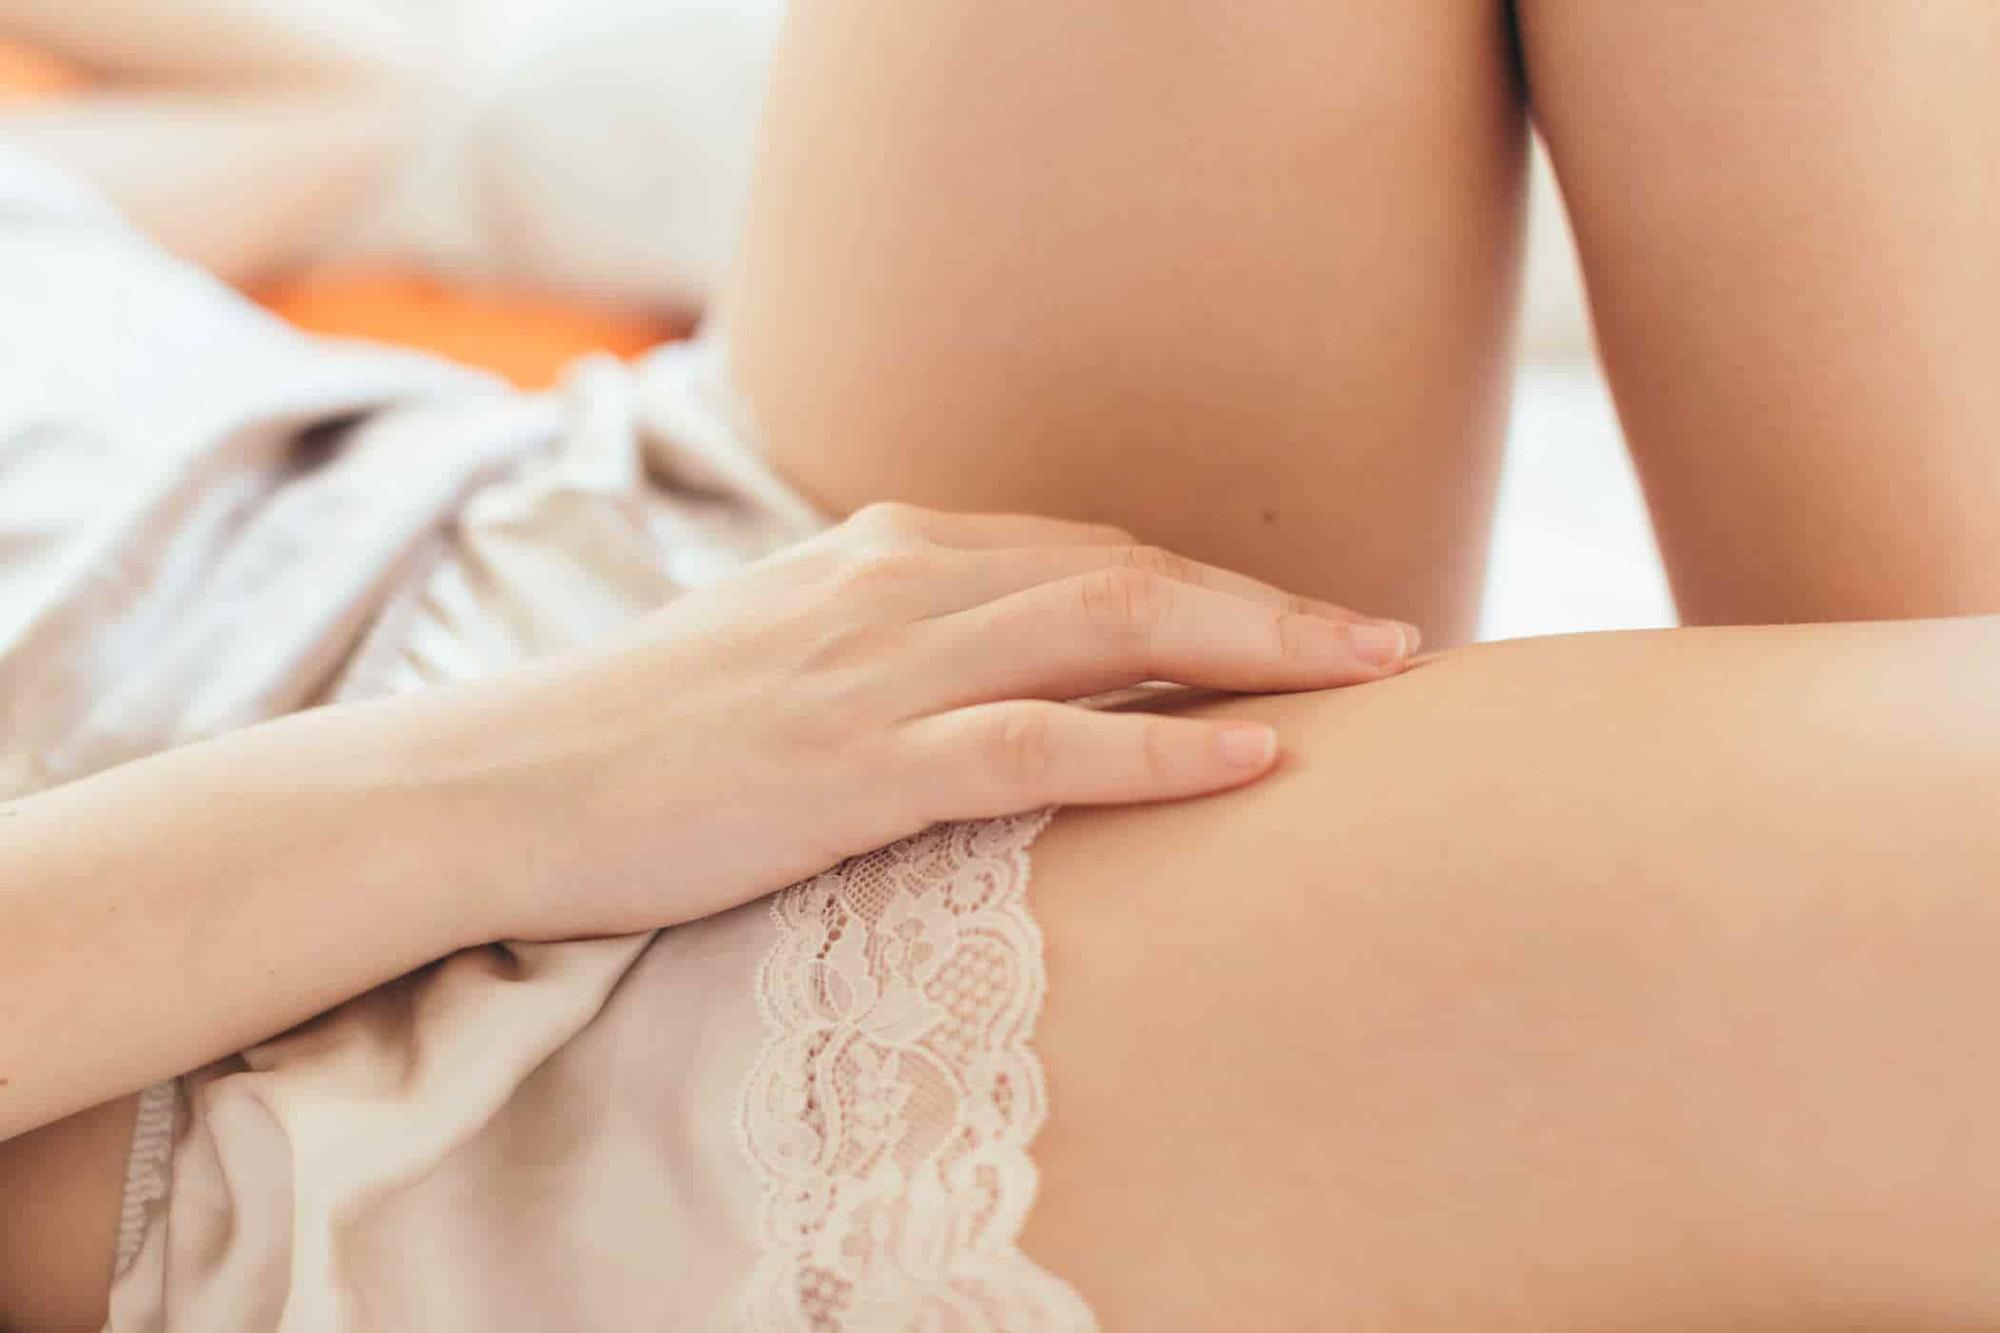 Nữ giới bị ngứa lỗ tiểu không đến gặp bác sĩ có được không